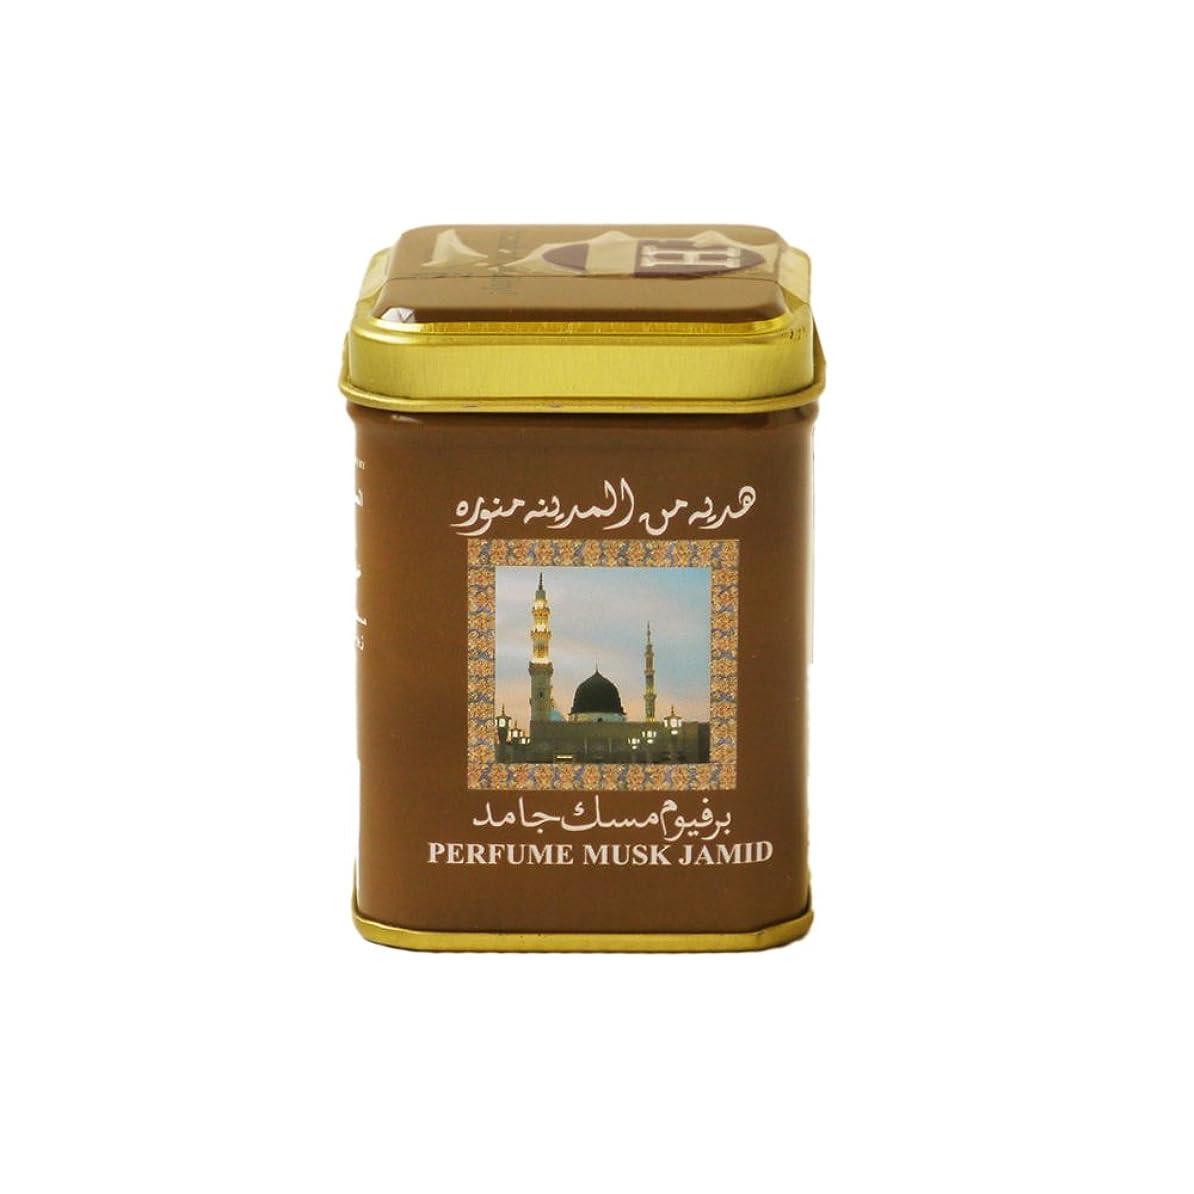 時代百廃棄Les sens de Marrakech レ センス デ マラケッシュ スクエアムスク 25g